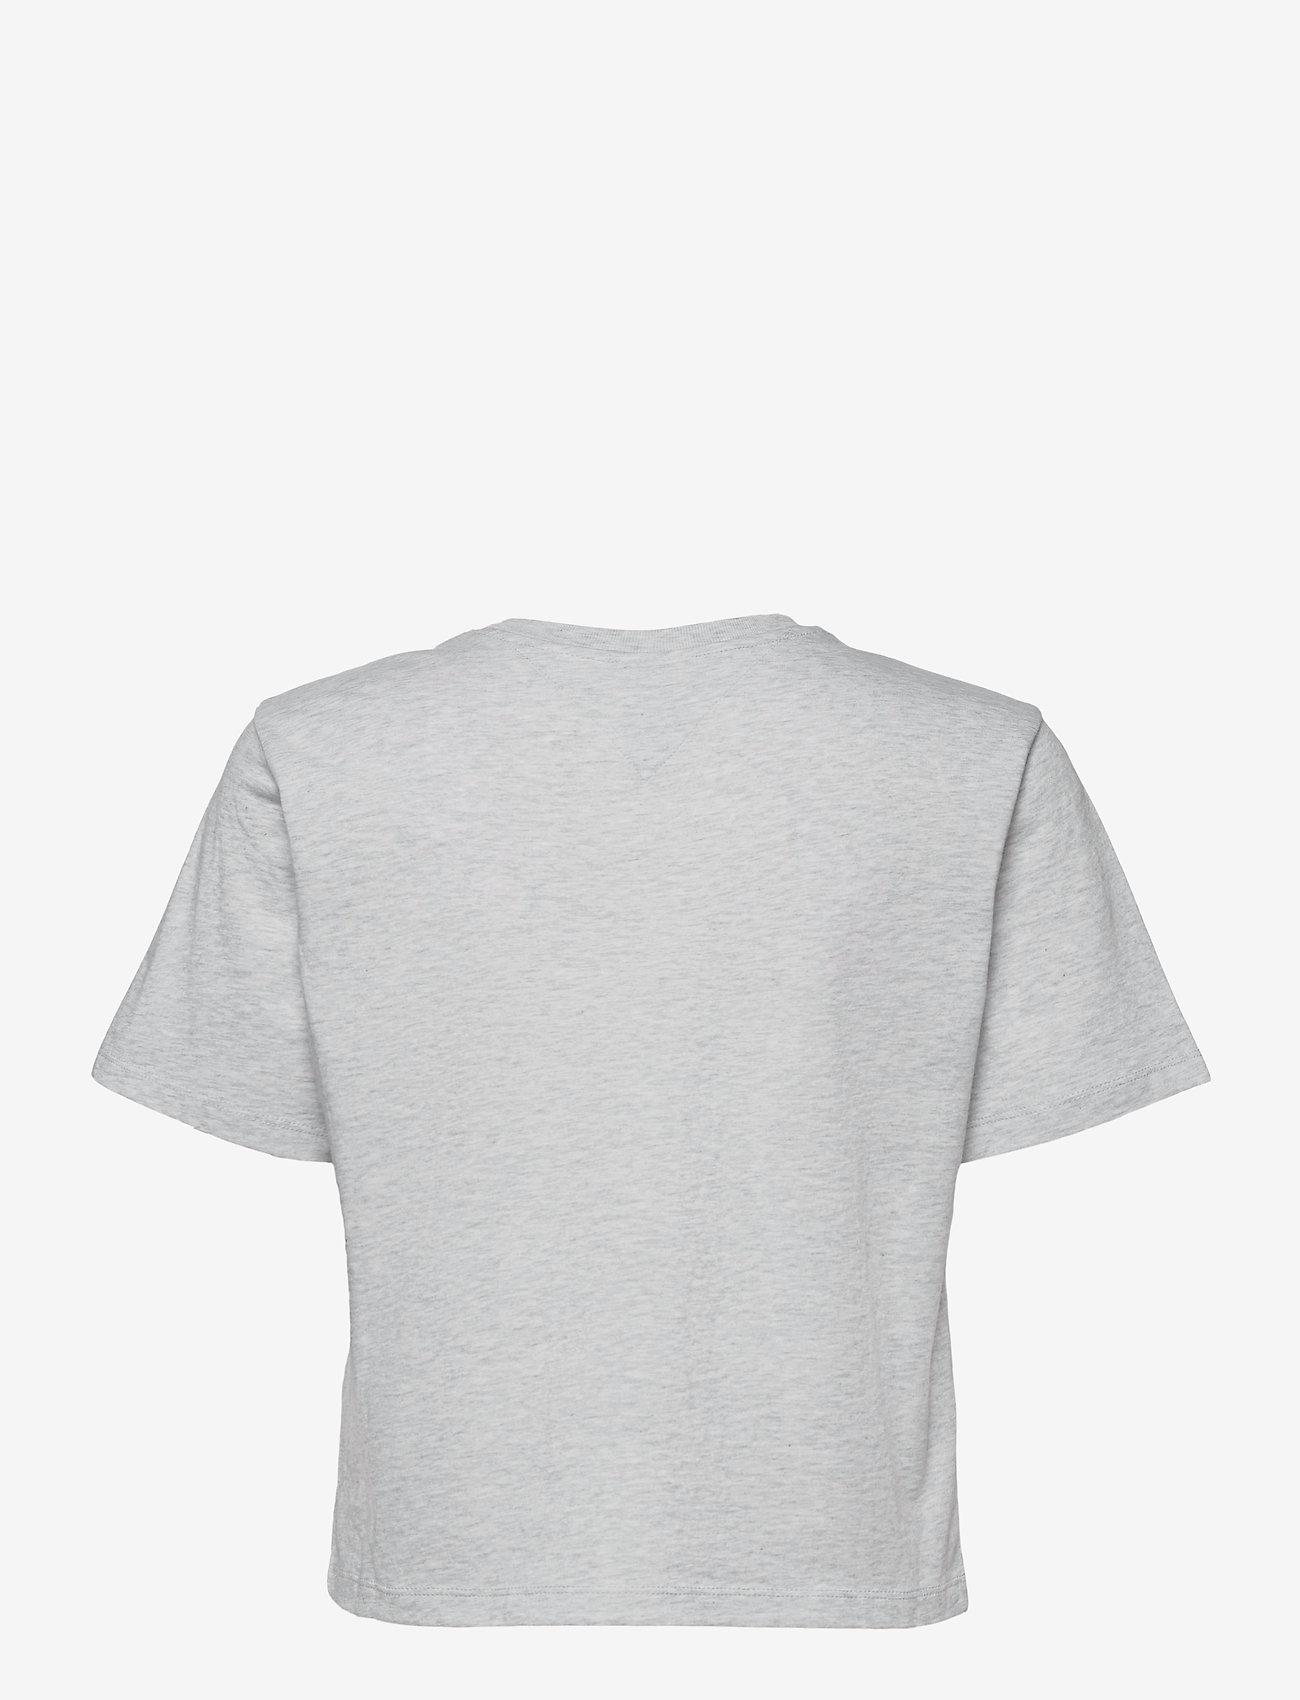 Tommy Jeans - TJW BXY CROP LINEAR LOGO TEE - crop tops - silver grey htr - 1